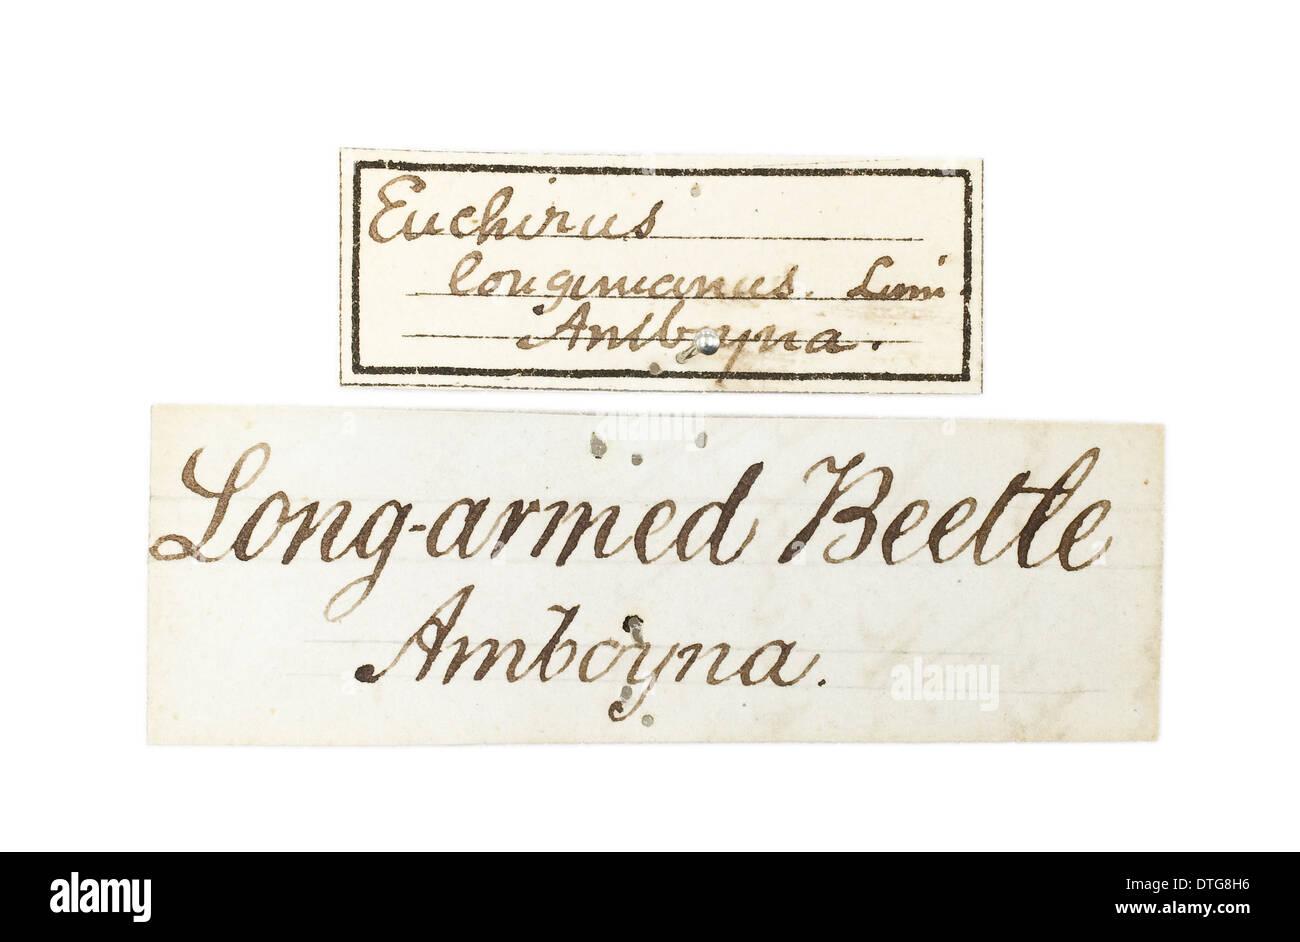 Etichetta per Euchirus longimanus, Wallace lungo del coleottero armati Immagini Stock